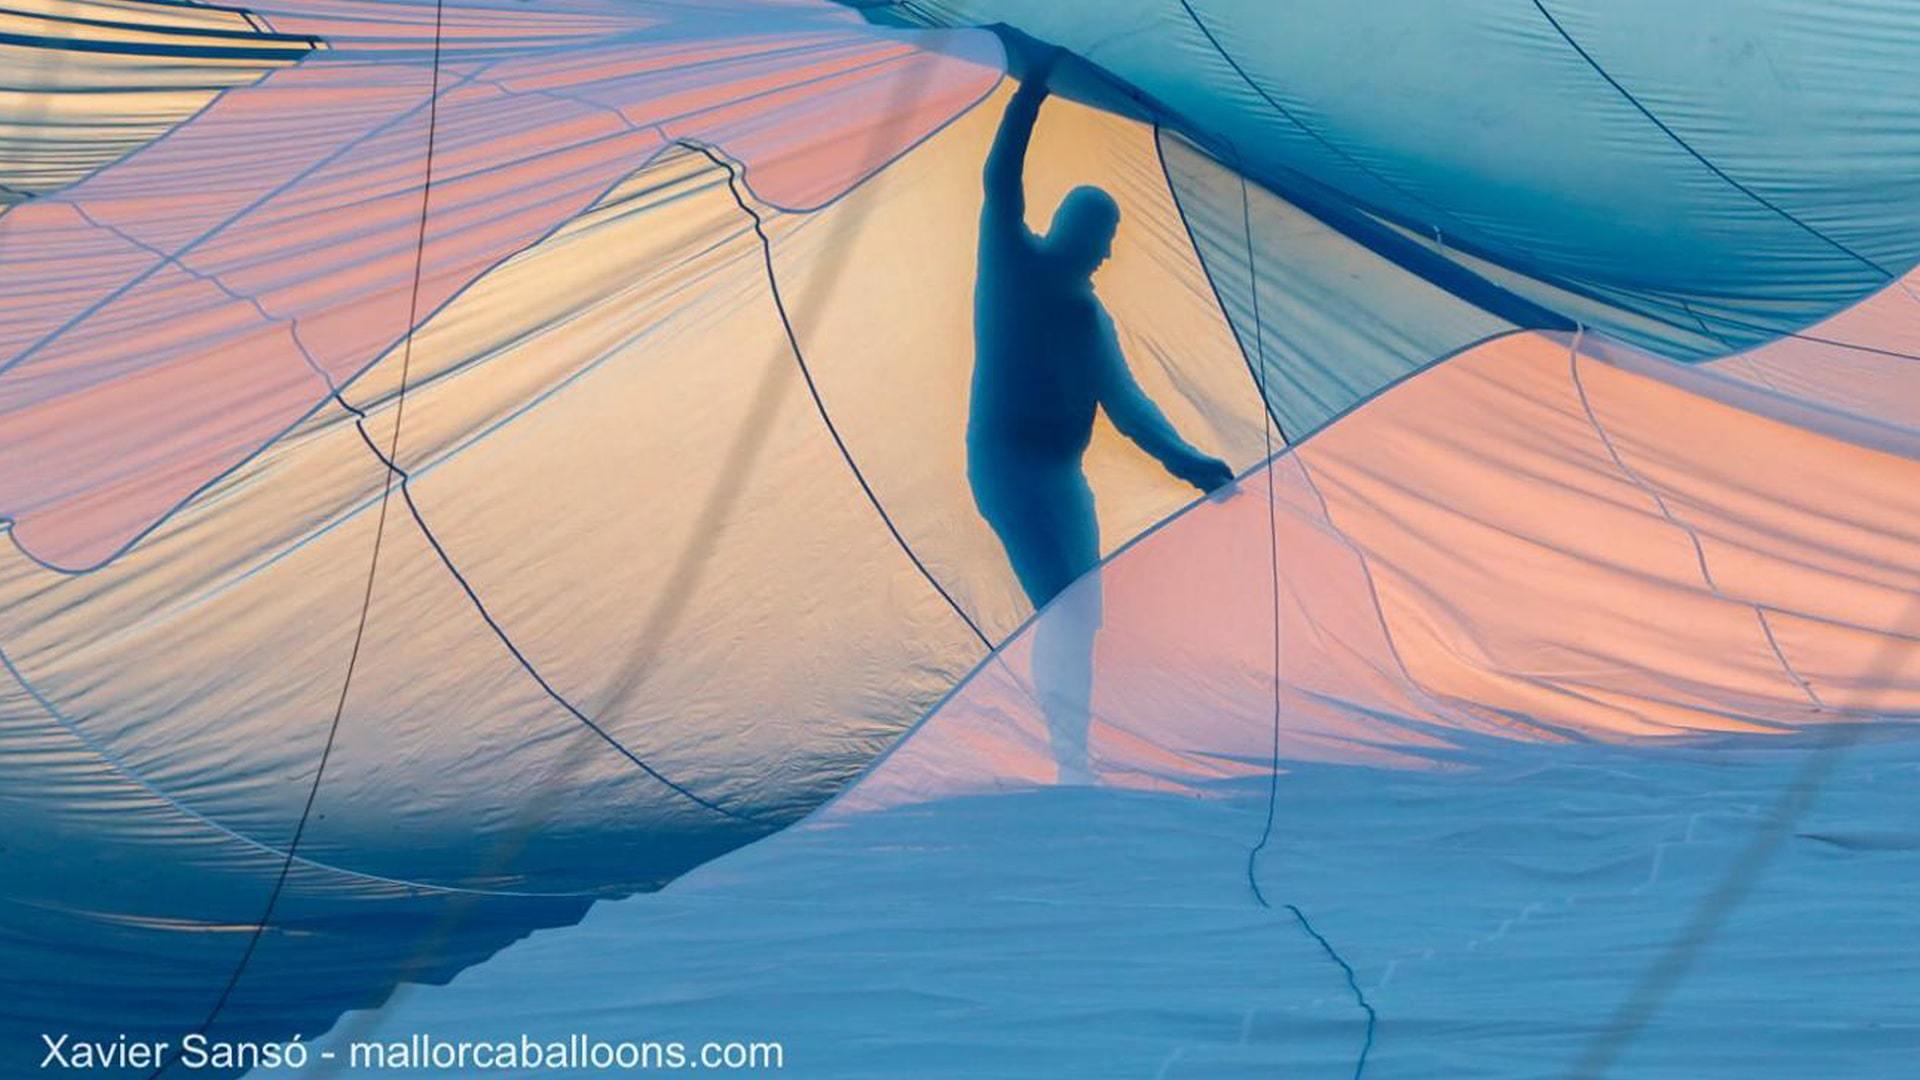 Silhouette man in hot air balloon mallorca hot air balloons european chamipionships min